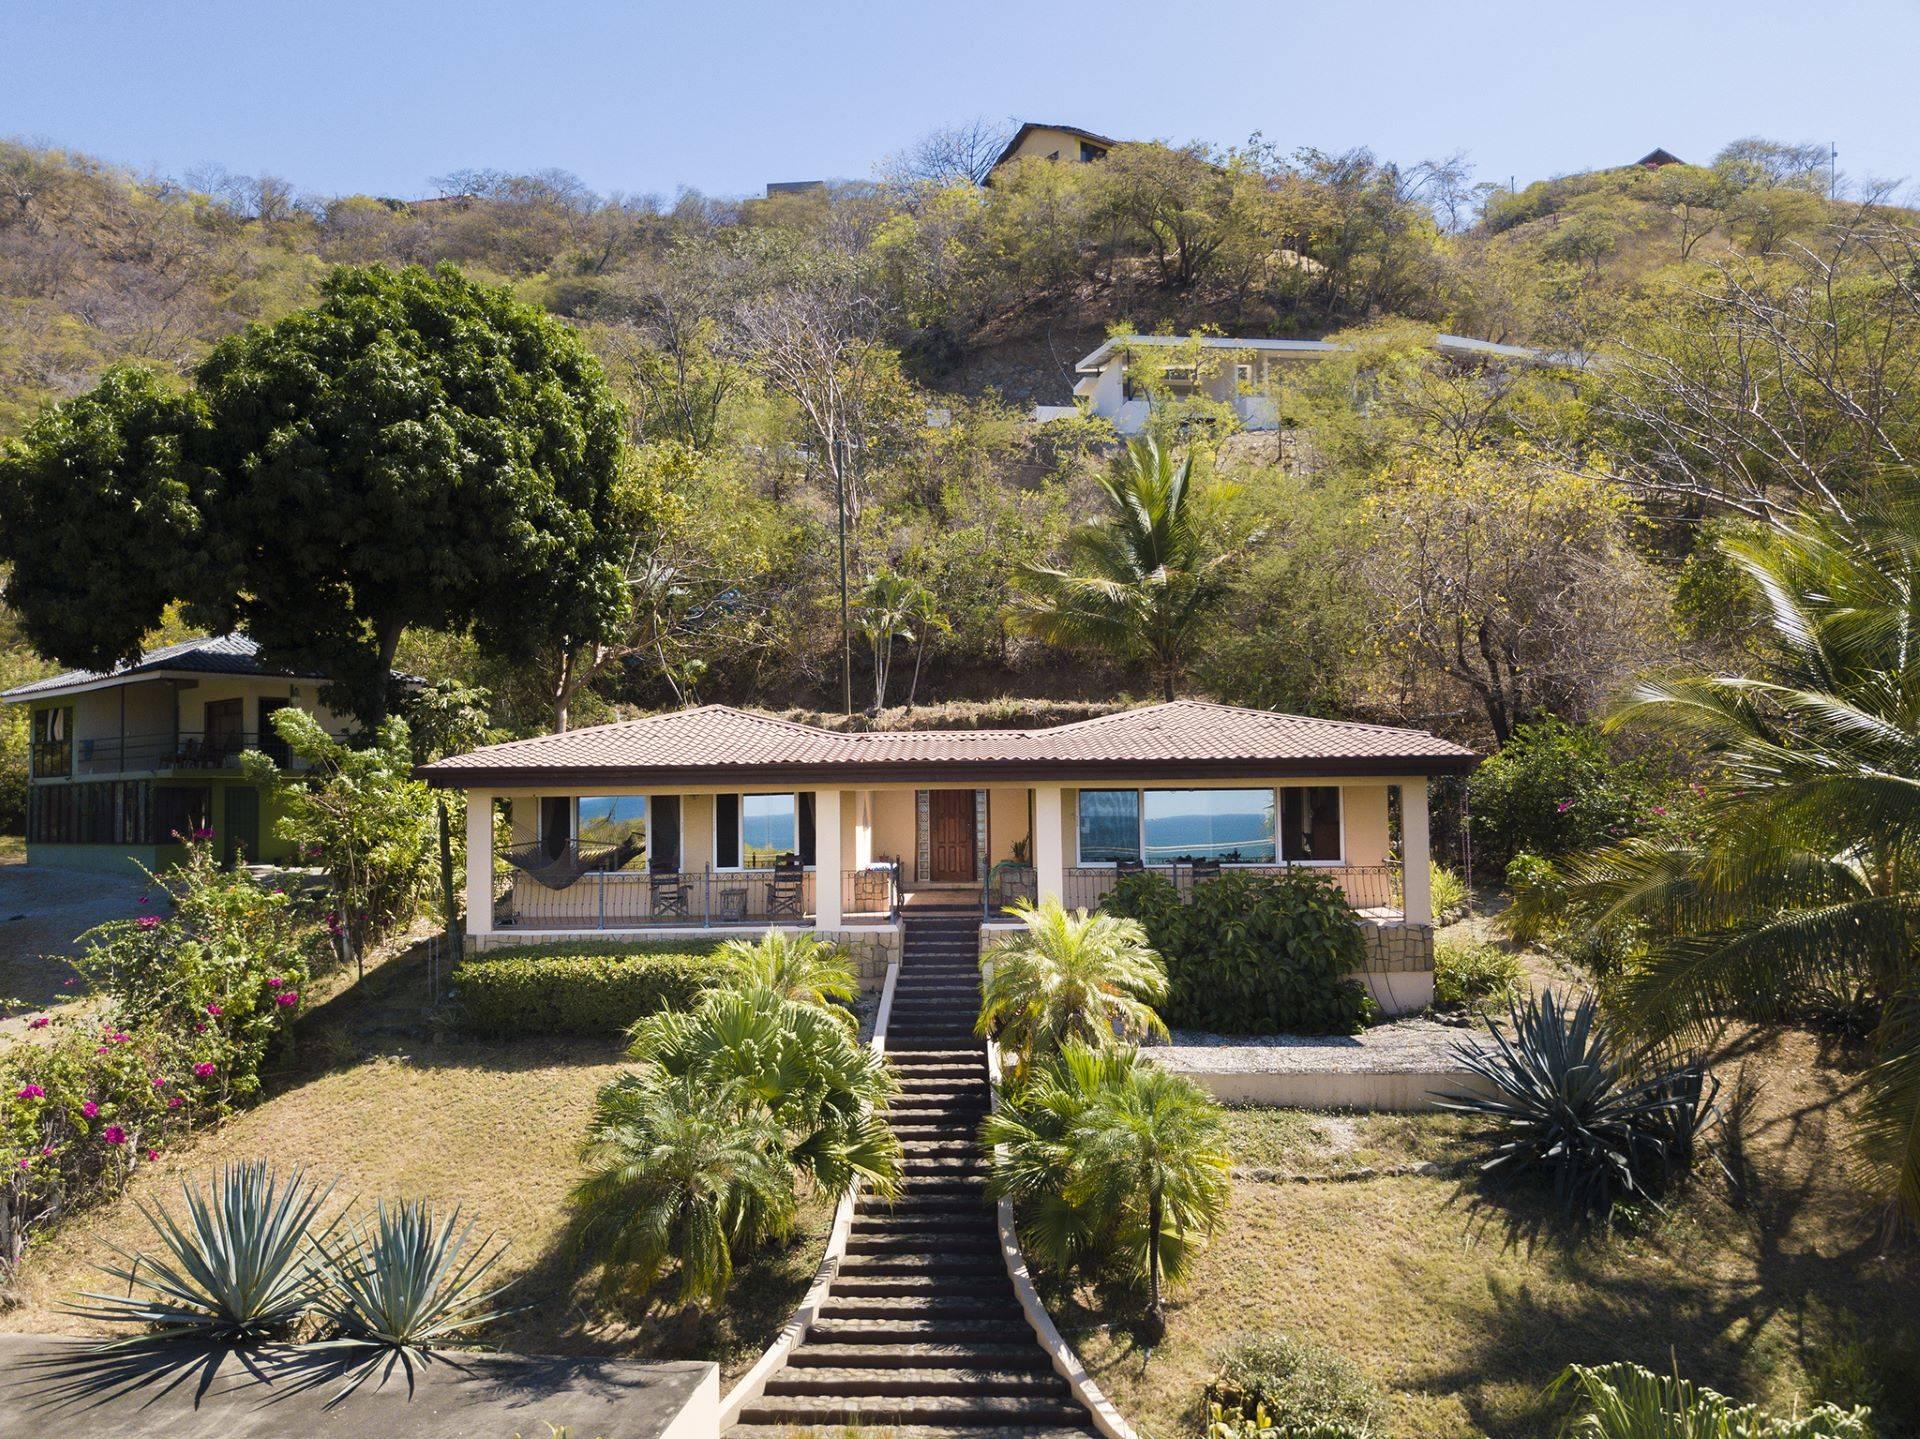 Casa Melocoton – Ocean View Home in Playa Prieta-UNDER CONTRACT